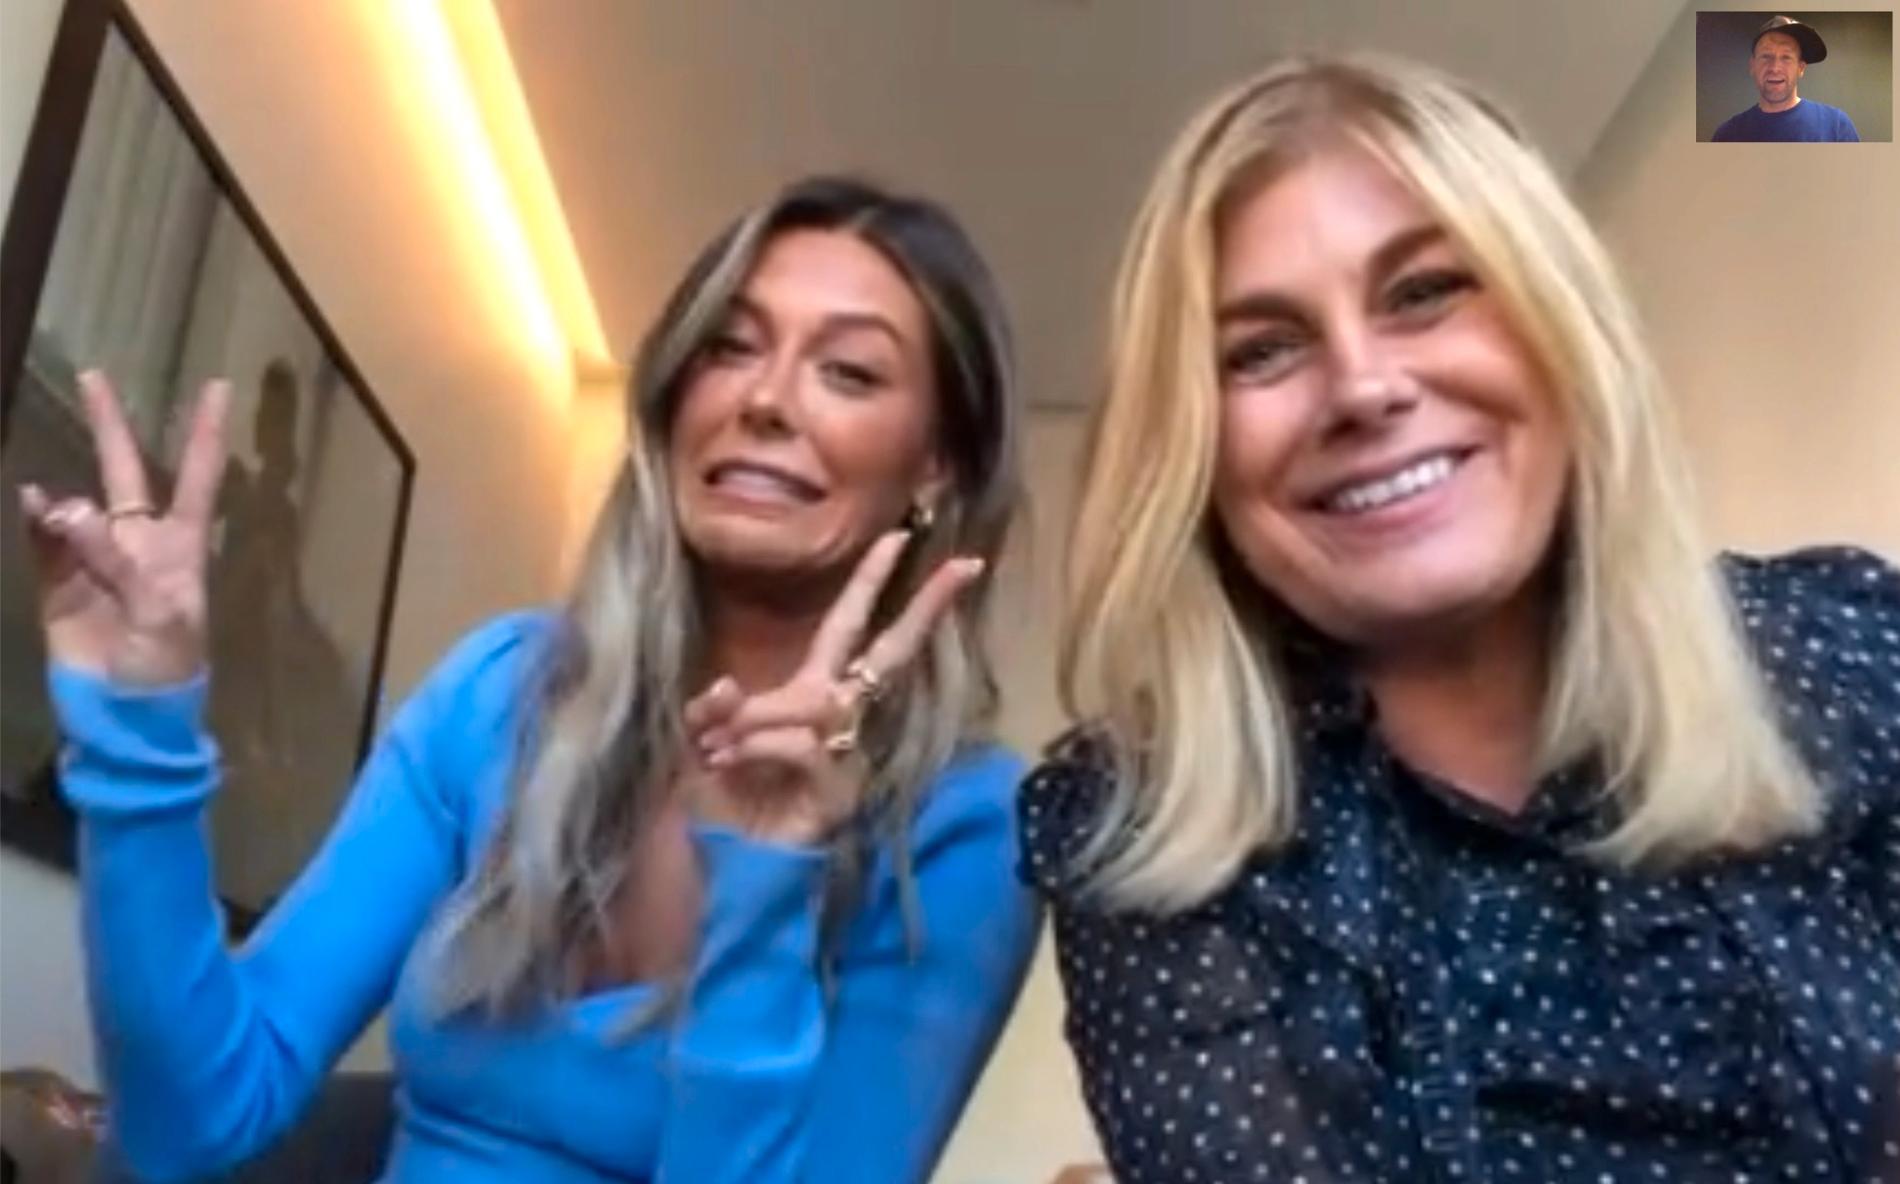 Bianca Ingrosso och Pernilla Wahlgren intervjuas av Aftonbladet.